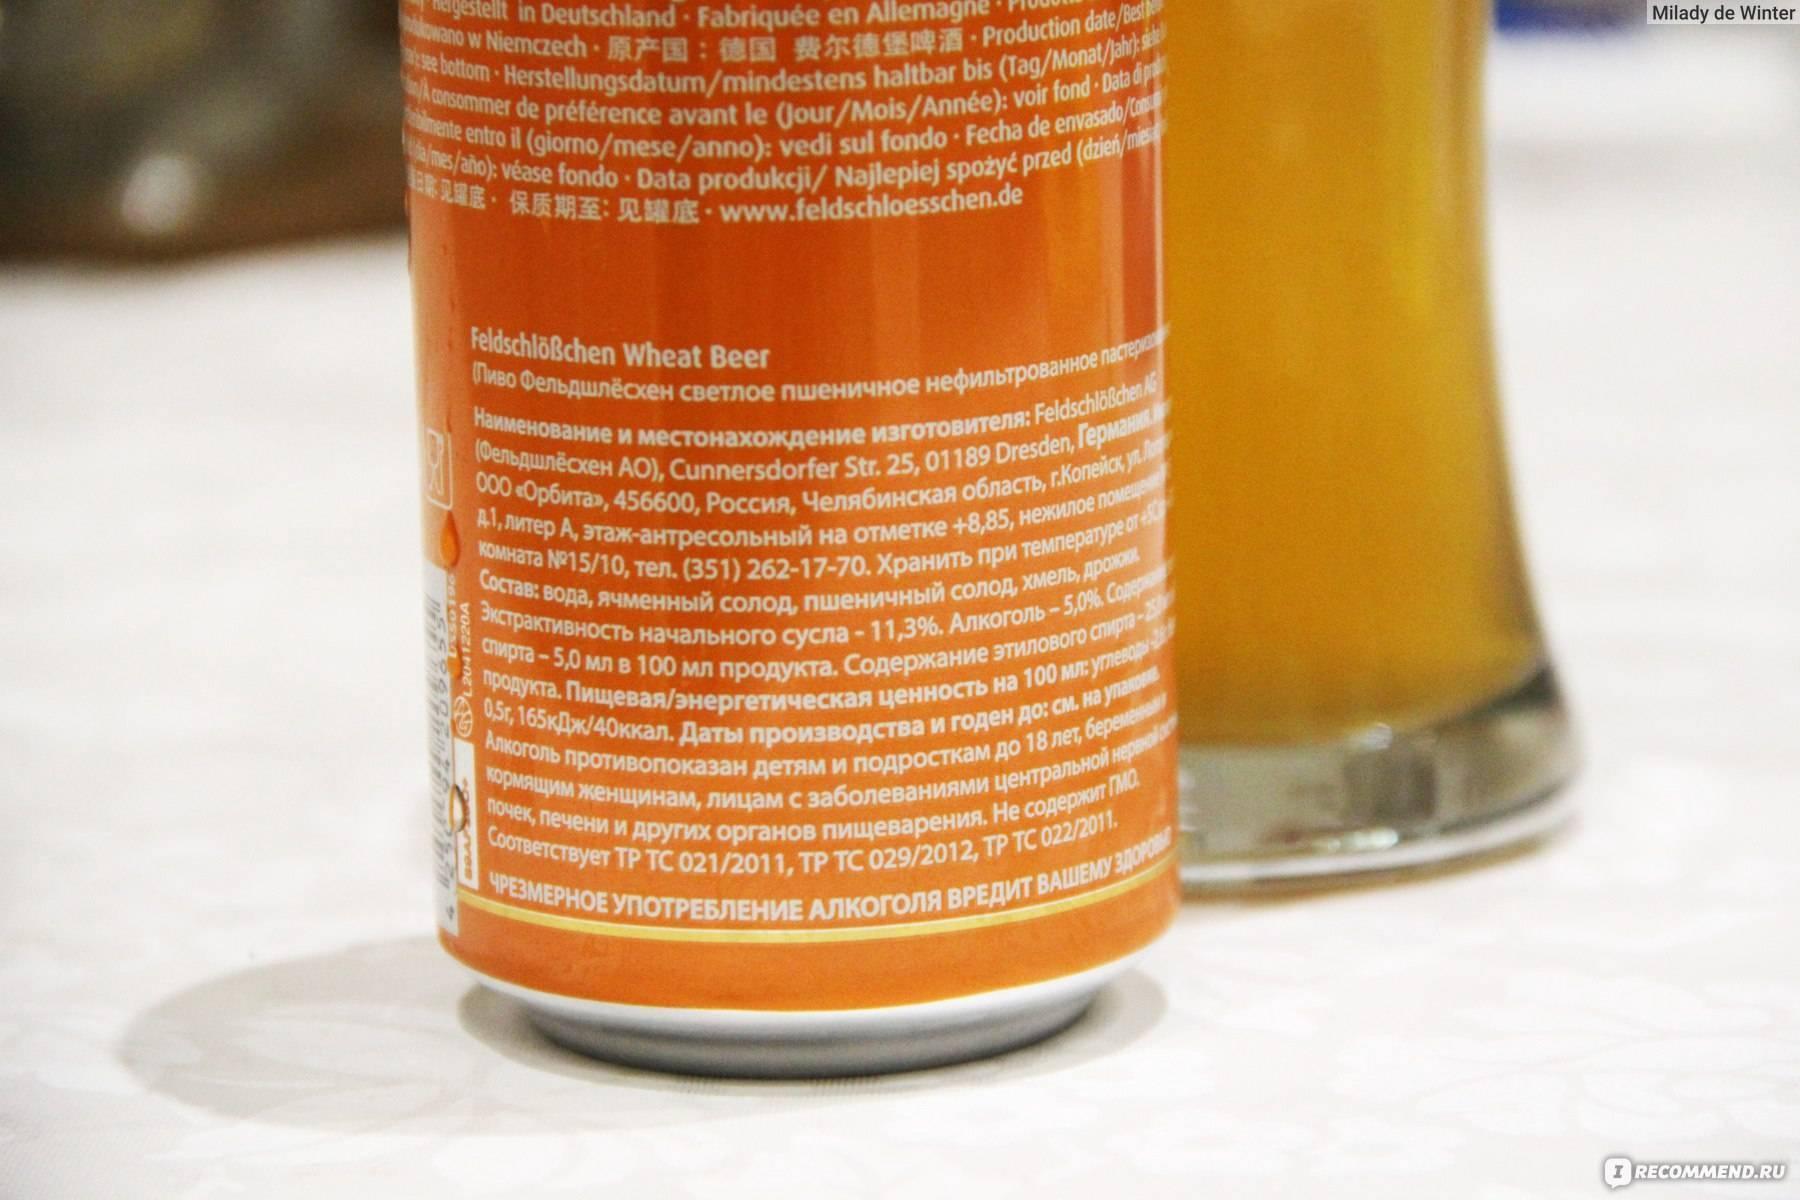 Пиво светлое фильтрованное пастеризованное фельдшлёсхен пилснер | федеральный реестр алкогольной продукции | реестринформ 2020